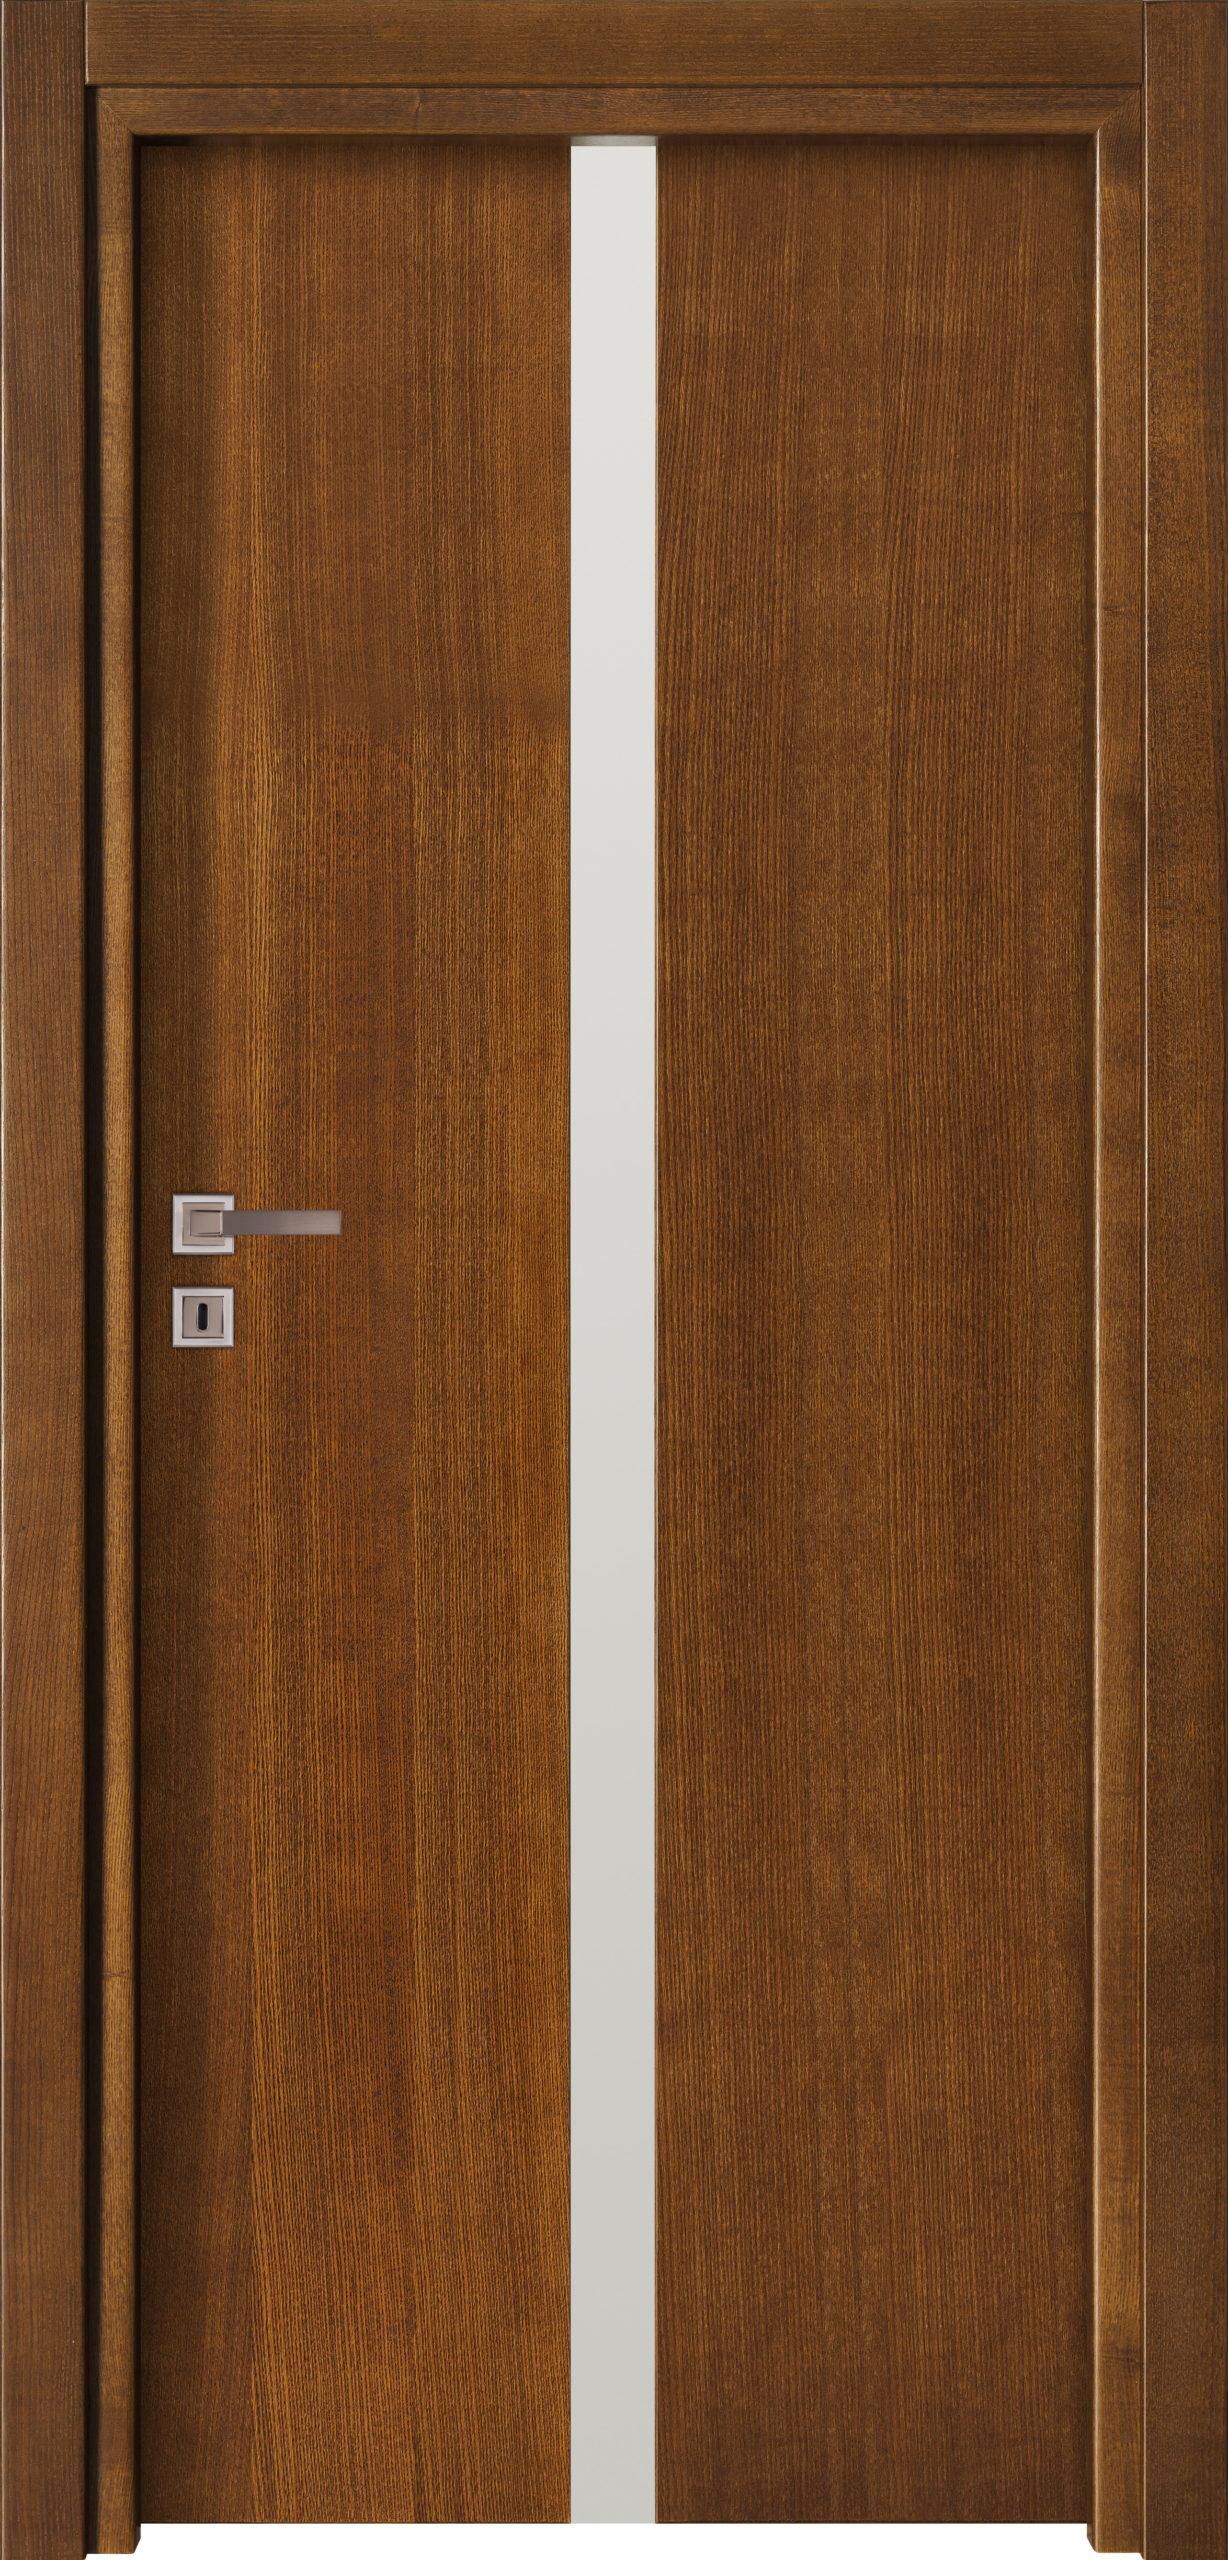 Focus A14 - jesion - jasny brunat - szklenie lacomat bezpieczny - ościeżnica przylgowa regulowana drewniana prosta (IIa)